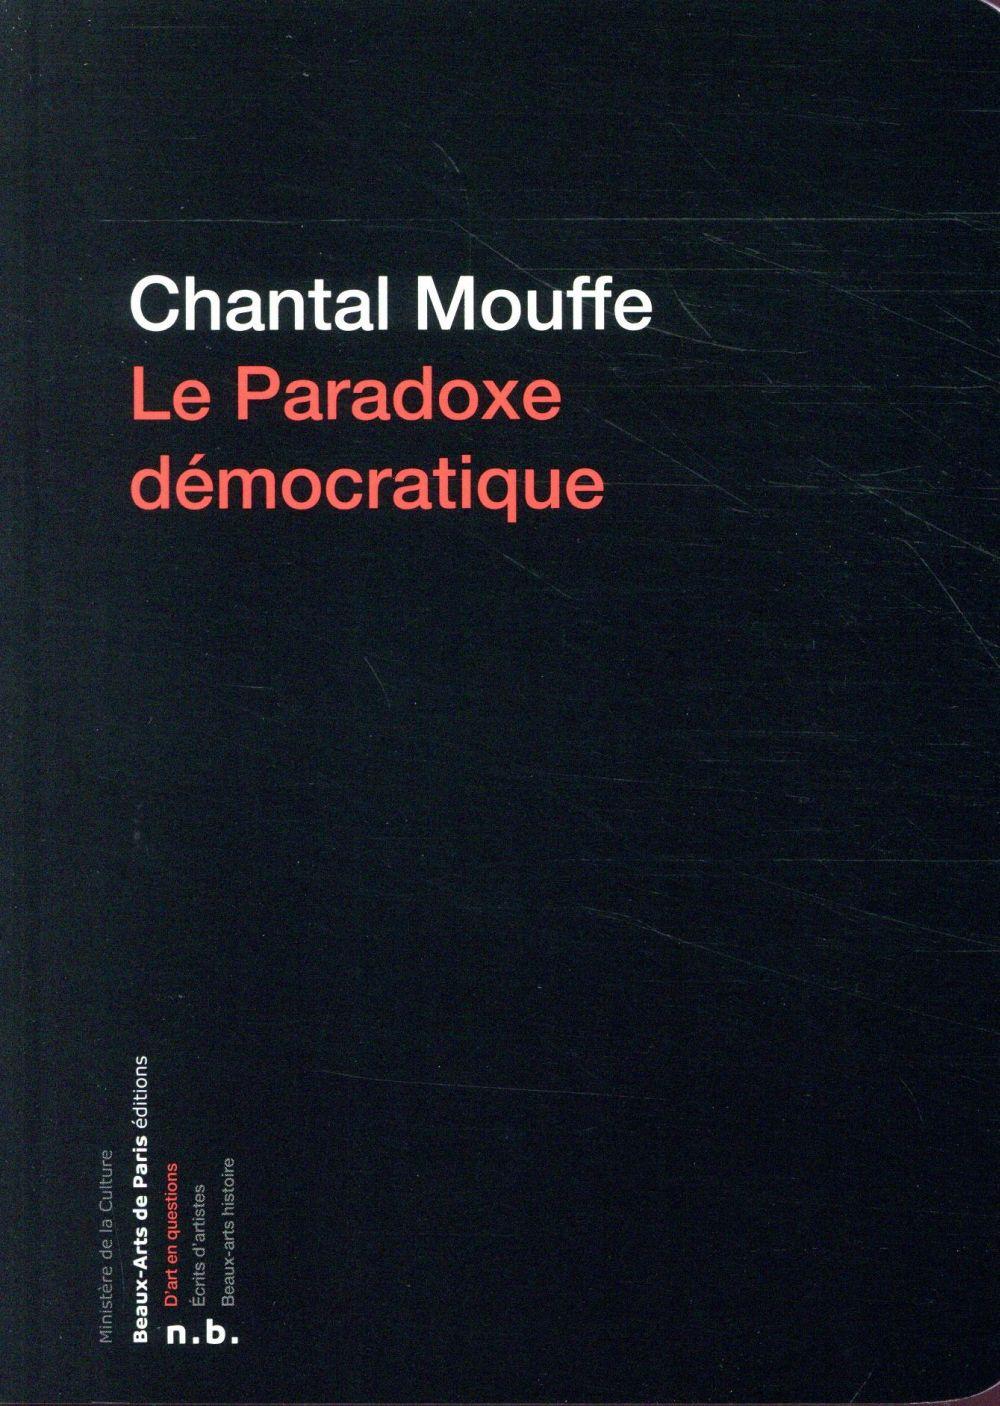 le paradoxe démocratique